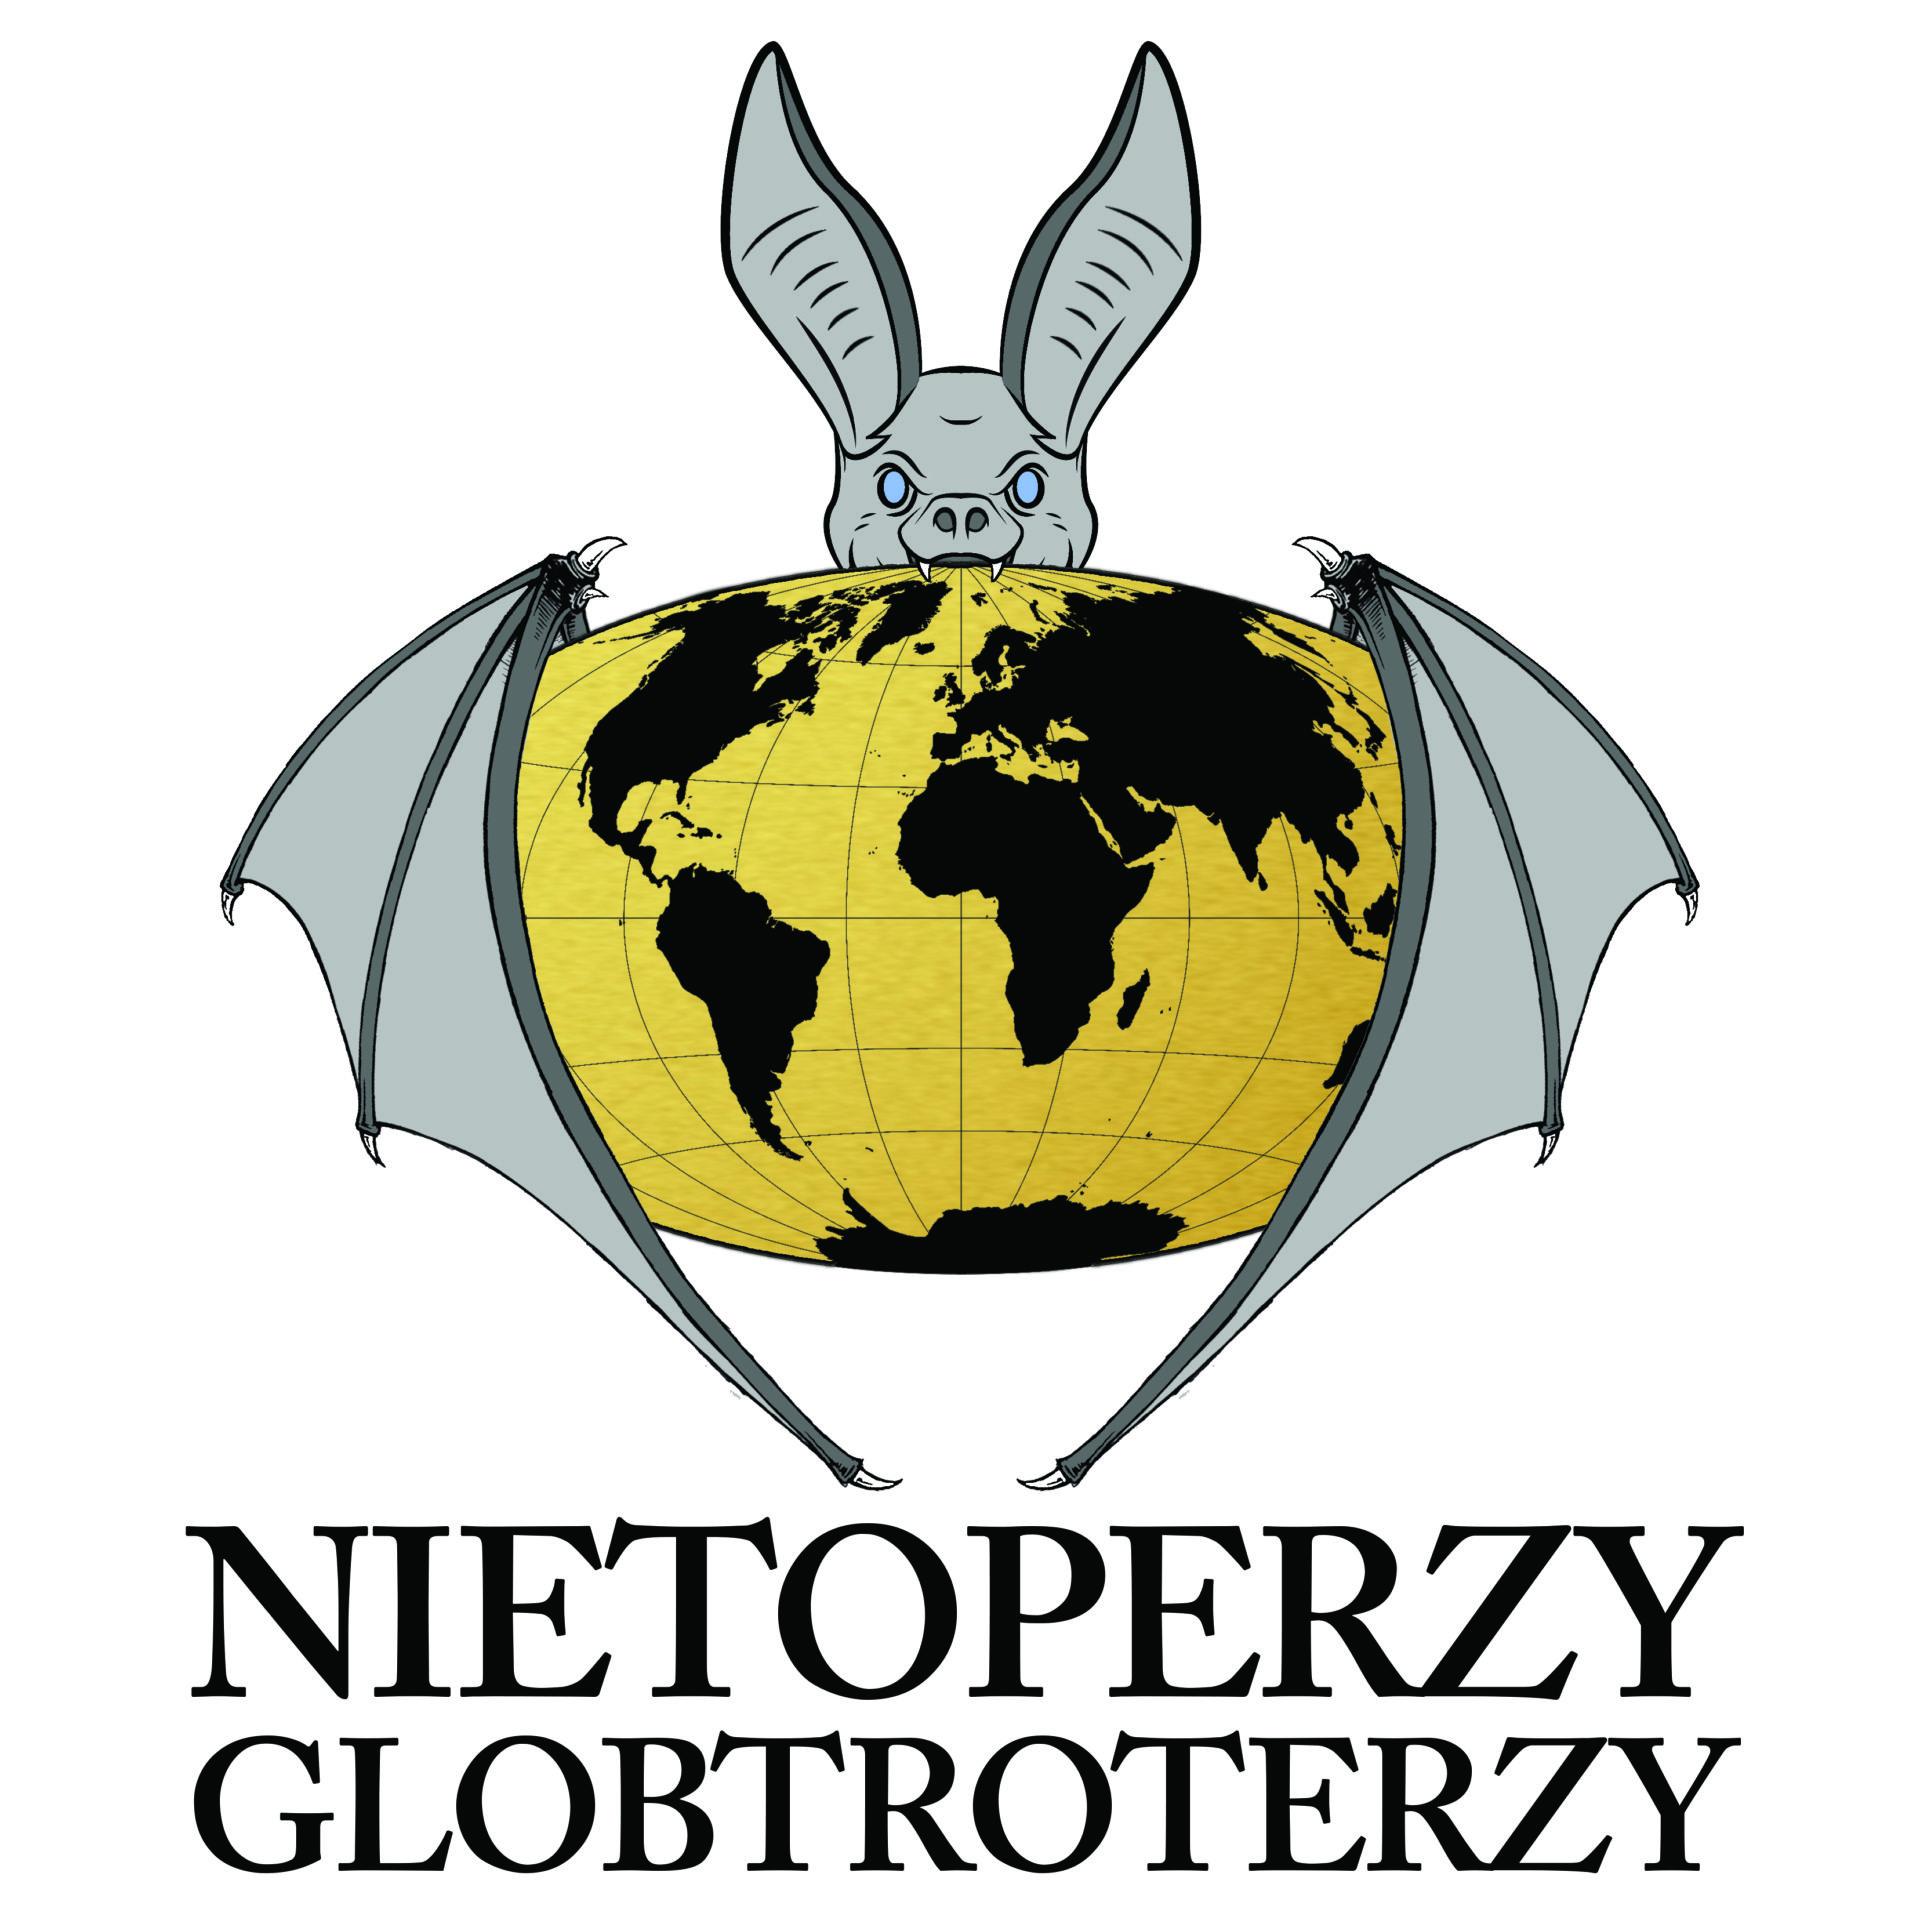 Nietoperzy Globtroterzy